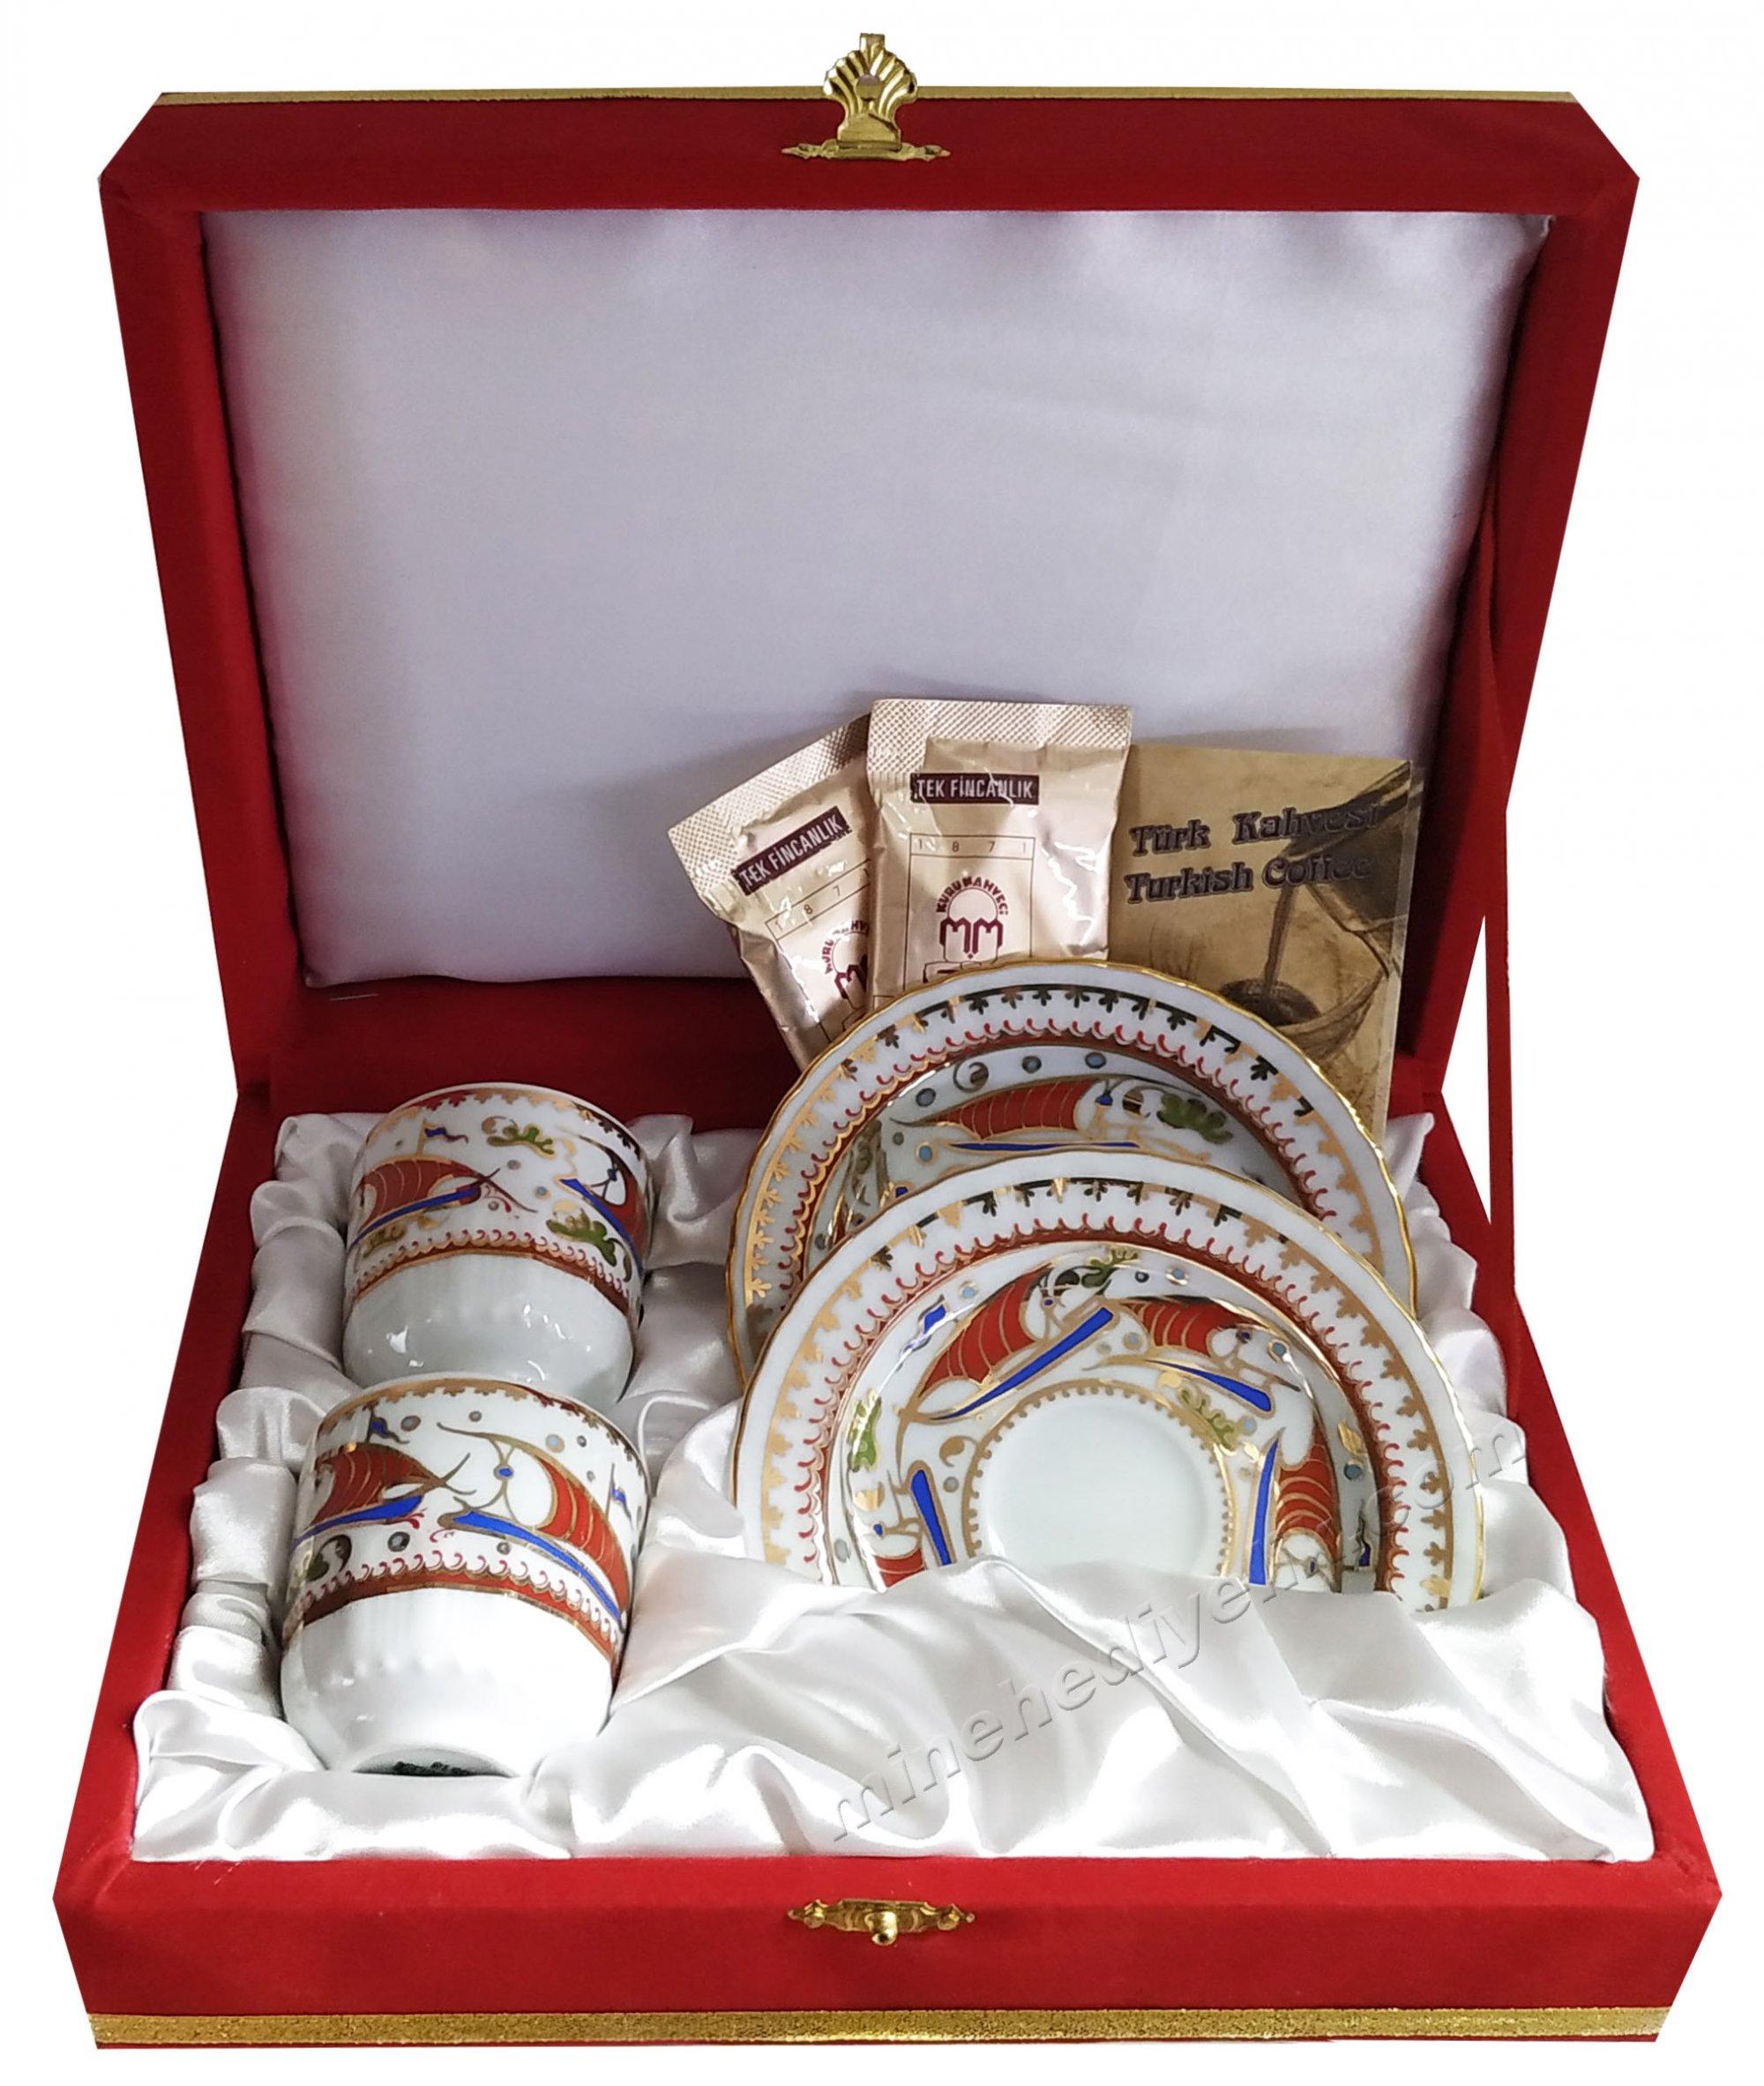 Osmanlı İznik Kalyonlu Gemili Özel Tasarım Kahve Fincan Takımları Çift Kişilik Kahveli Kahvenin Yapılışı Bilgi Kartı